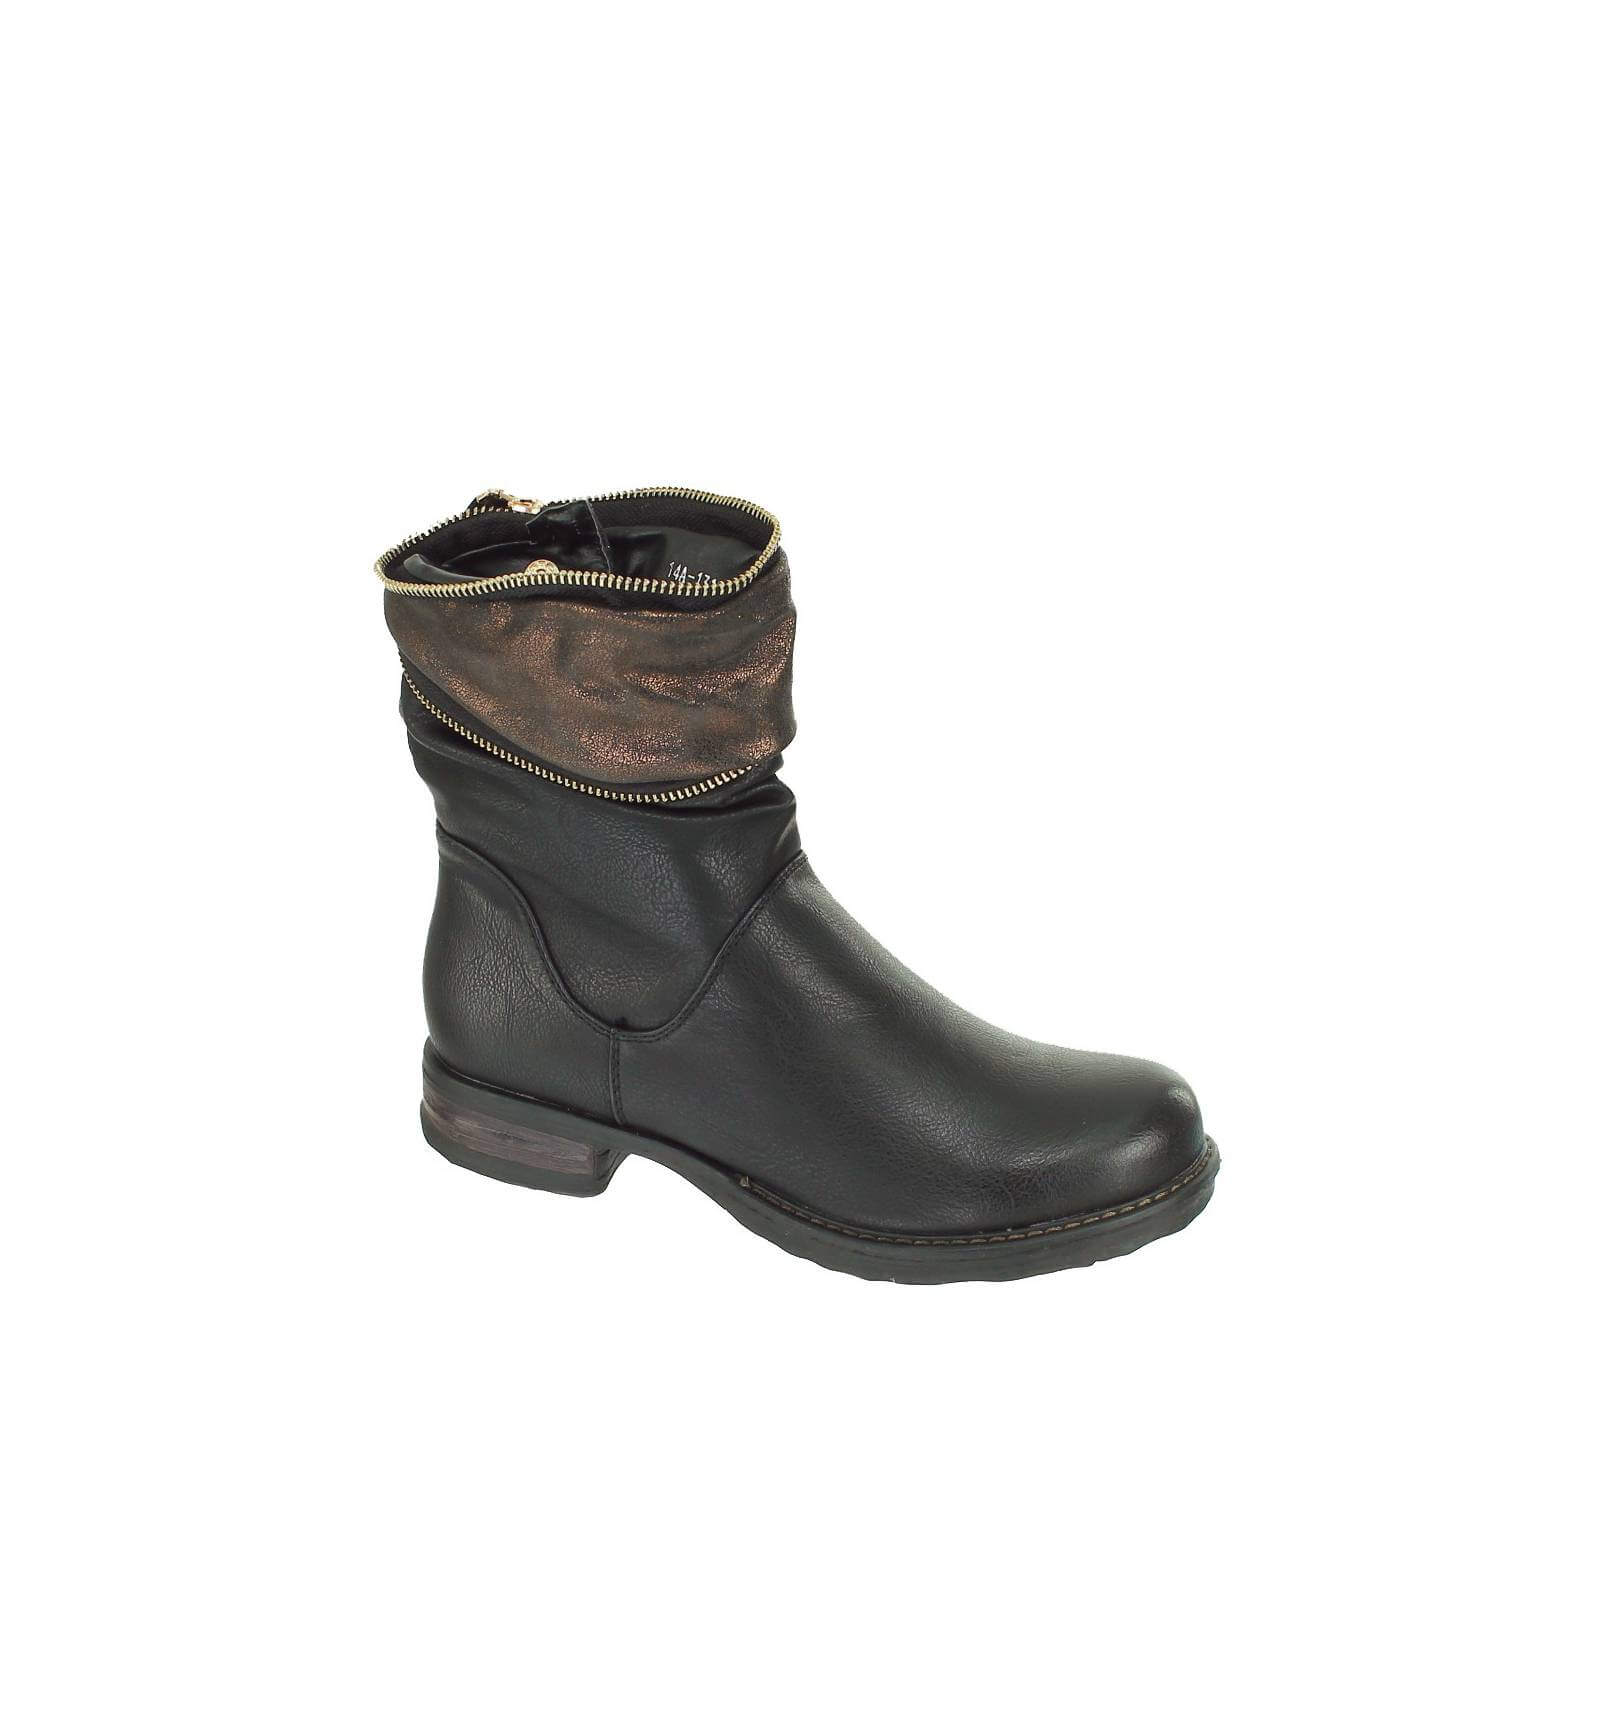 bottine femme simili cuir noir avec zip couleur bronze mod le ga lle. Black Bedroom Furniture Sets. Home Design Ideas